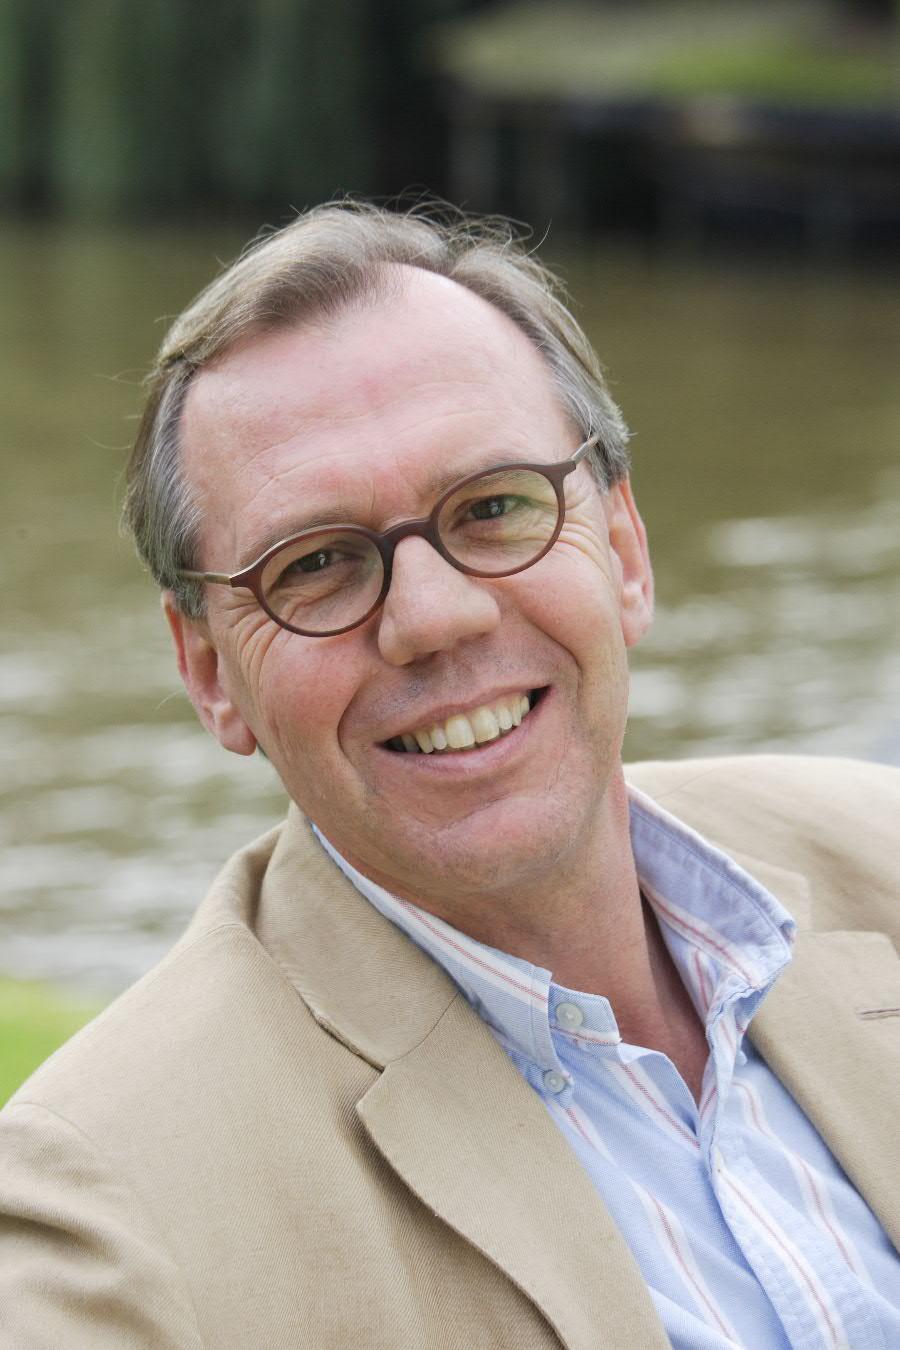 Marc van Os